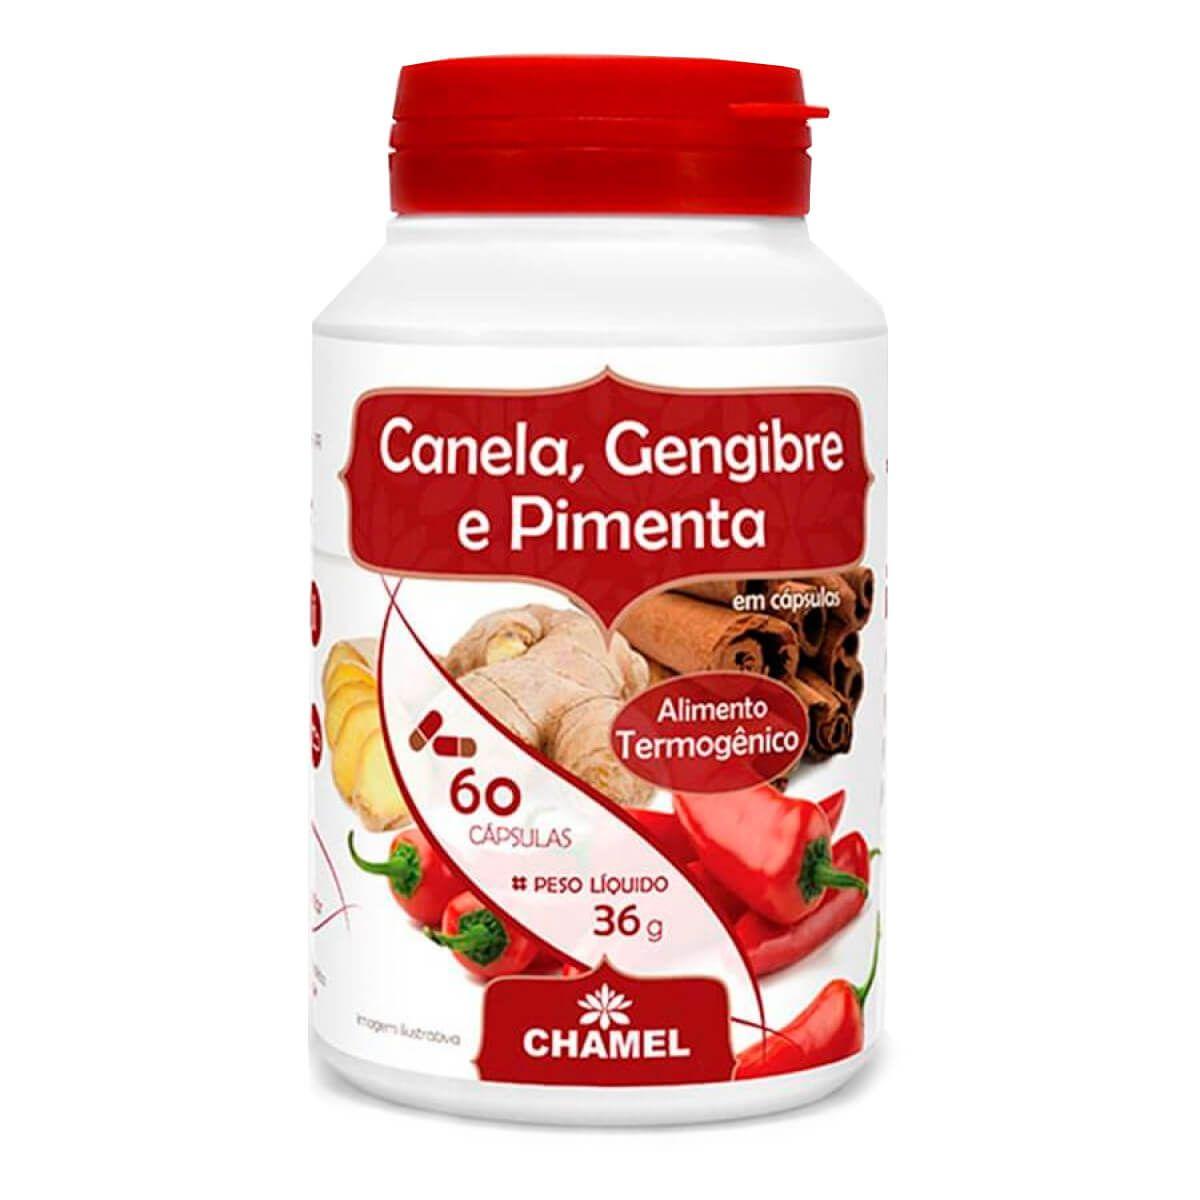 Canela Gengibre Pimenta 300mg Chamel - 60 caps